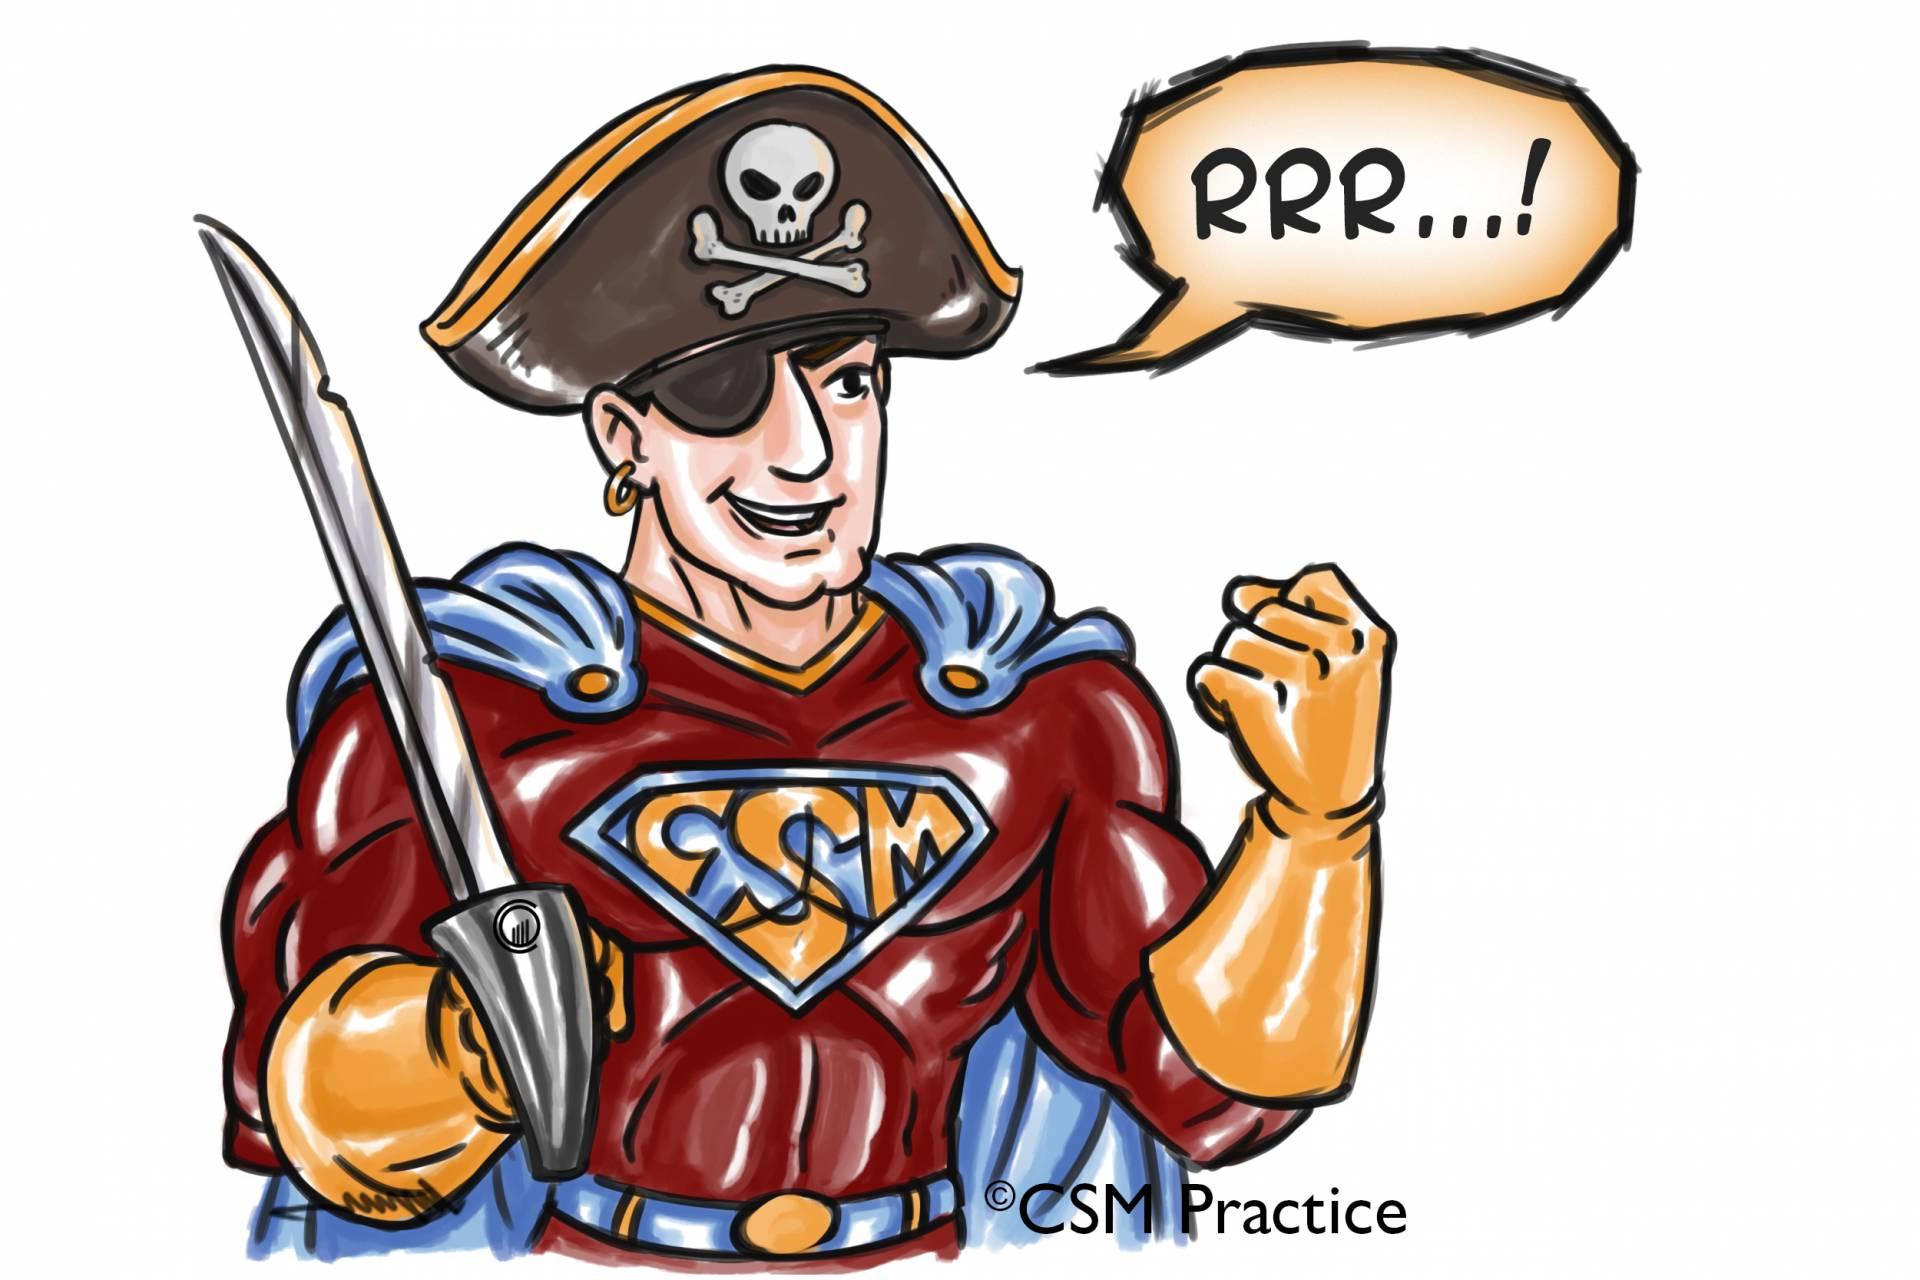 CSM hero as Pirate